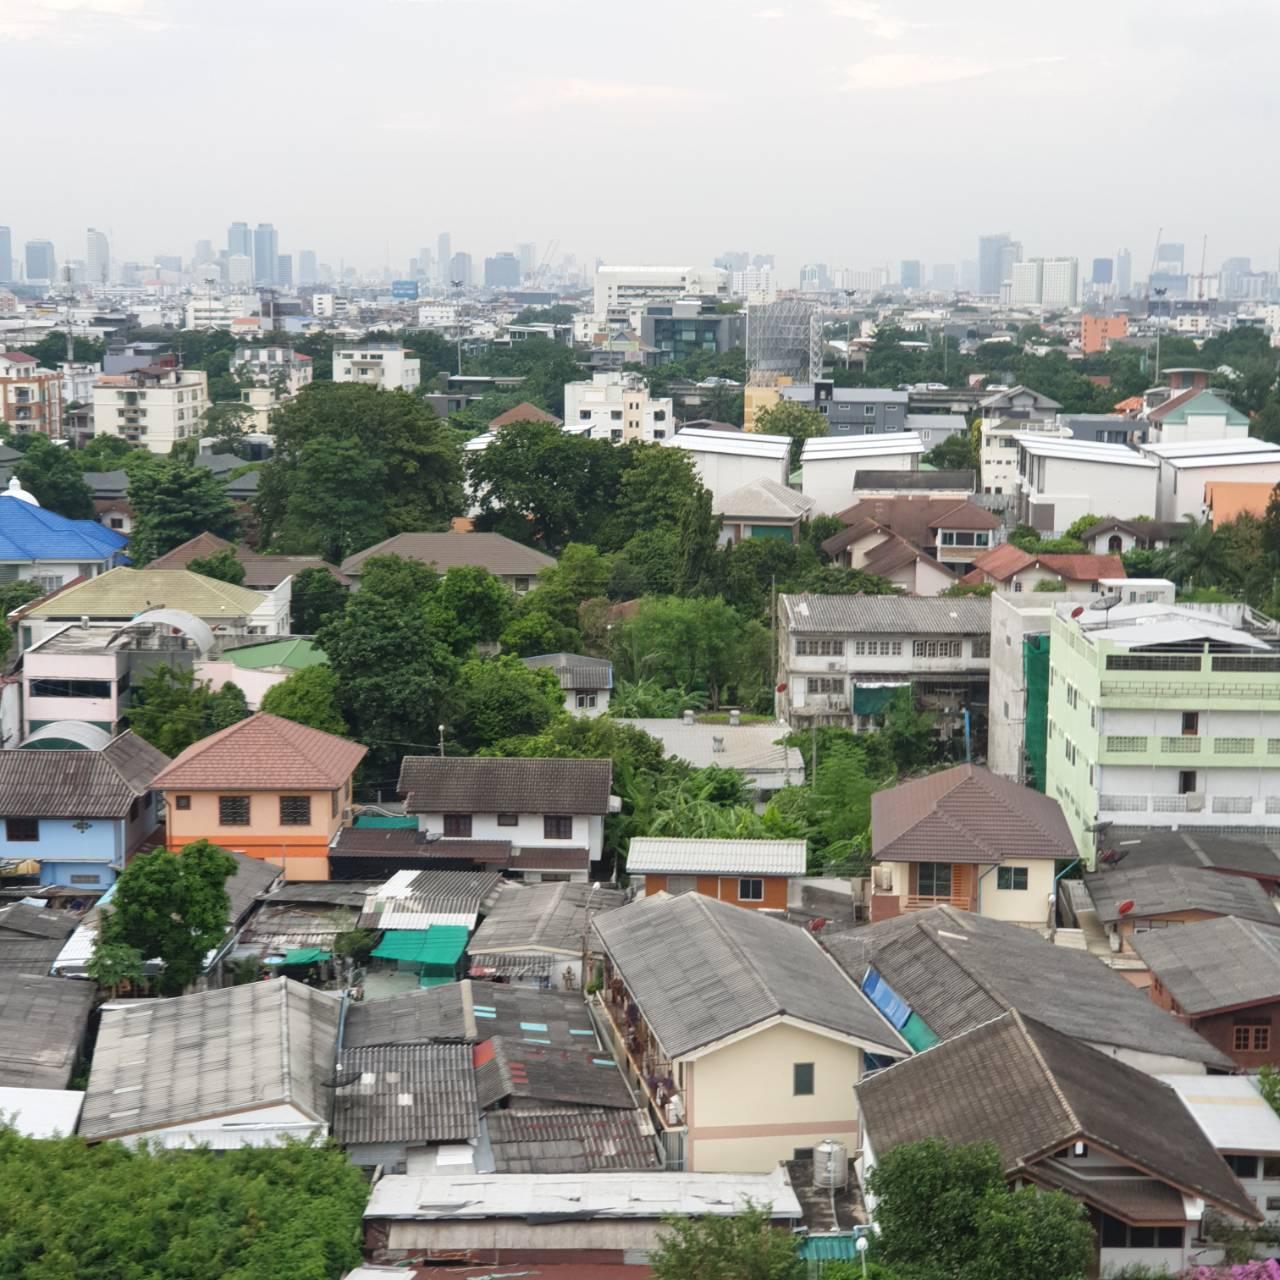 ขายด่วน  คอนโดบ้านสวนซื่อตรง  เนื้อที่ 60 ตารางเมตร  2 ห้องนอน  2 ห้องน้ำ  ลาดพร้าว 87 แยก 7 / ประดิ